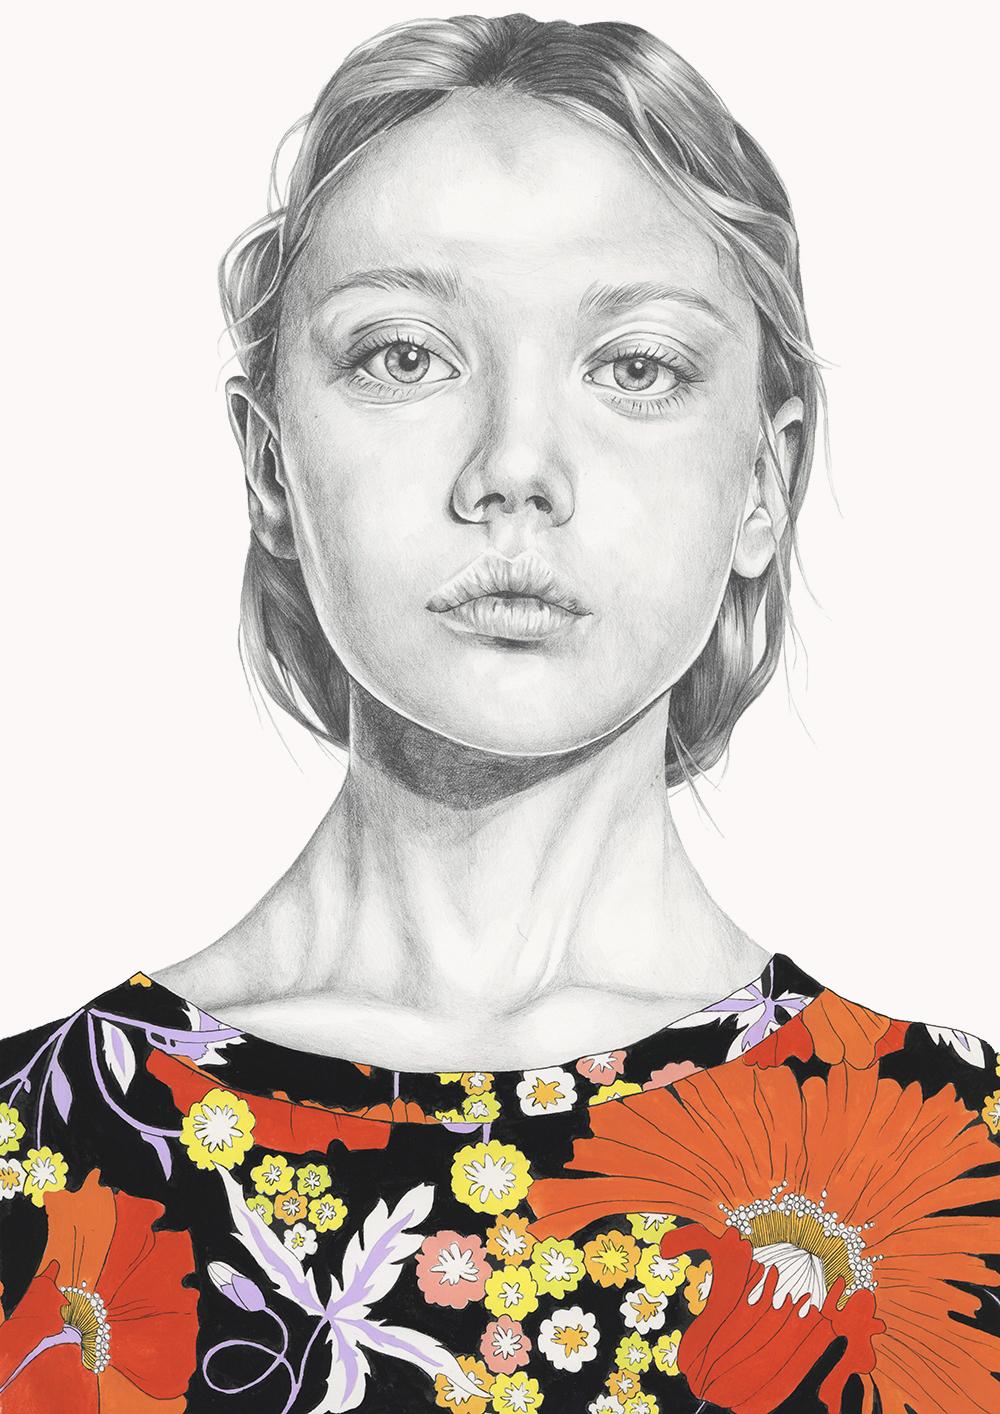 Stella - gouache and graphite pencil illustration